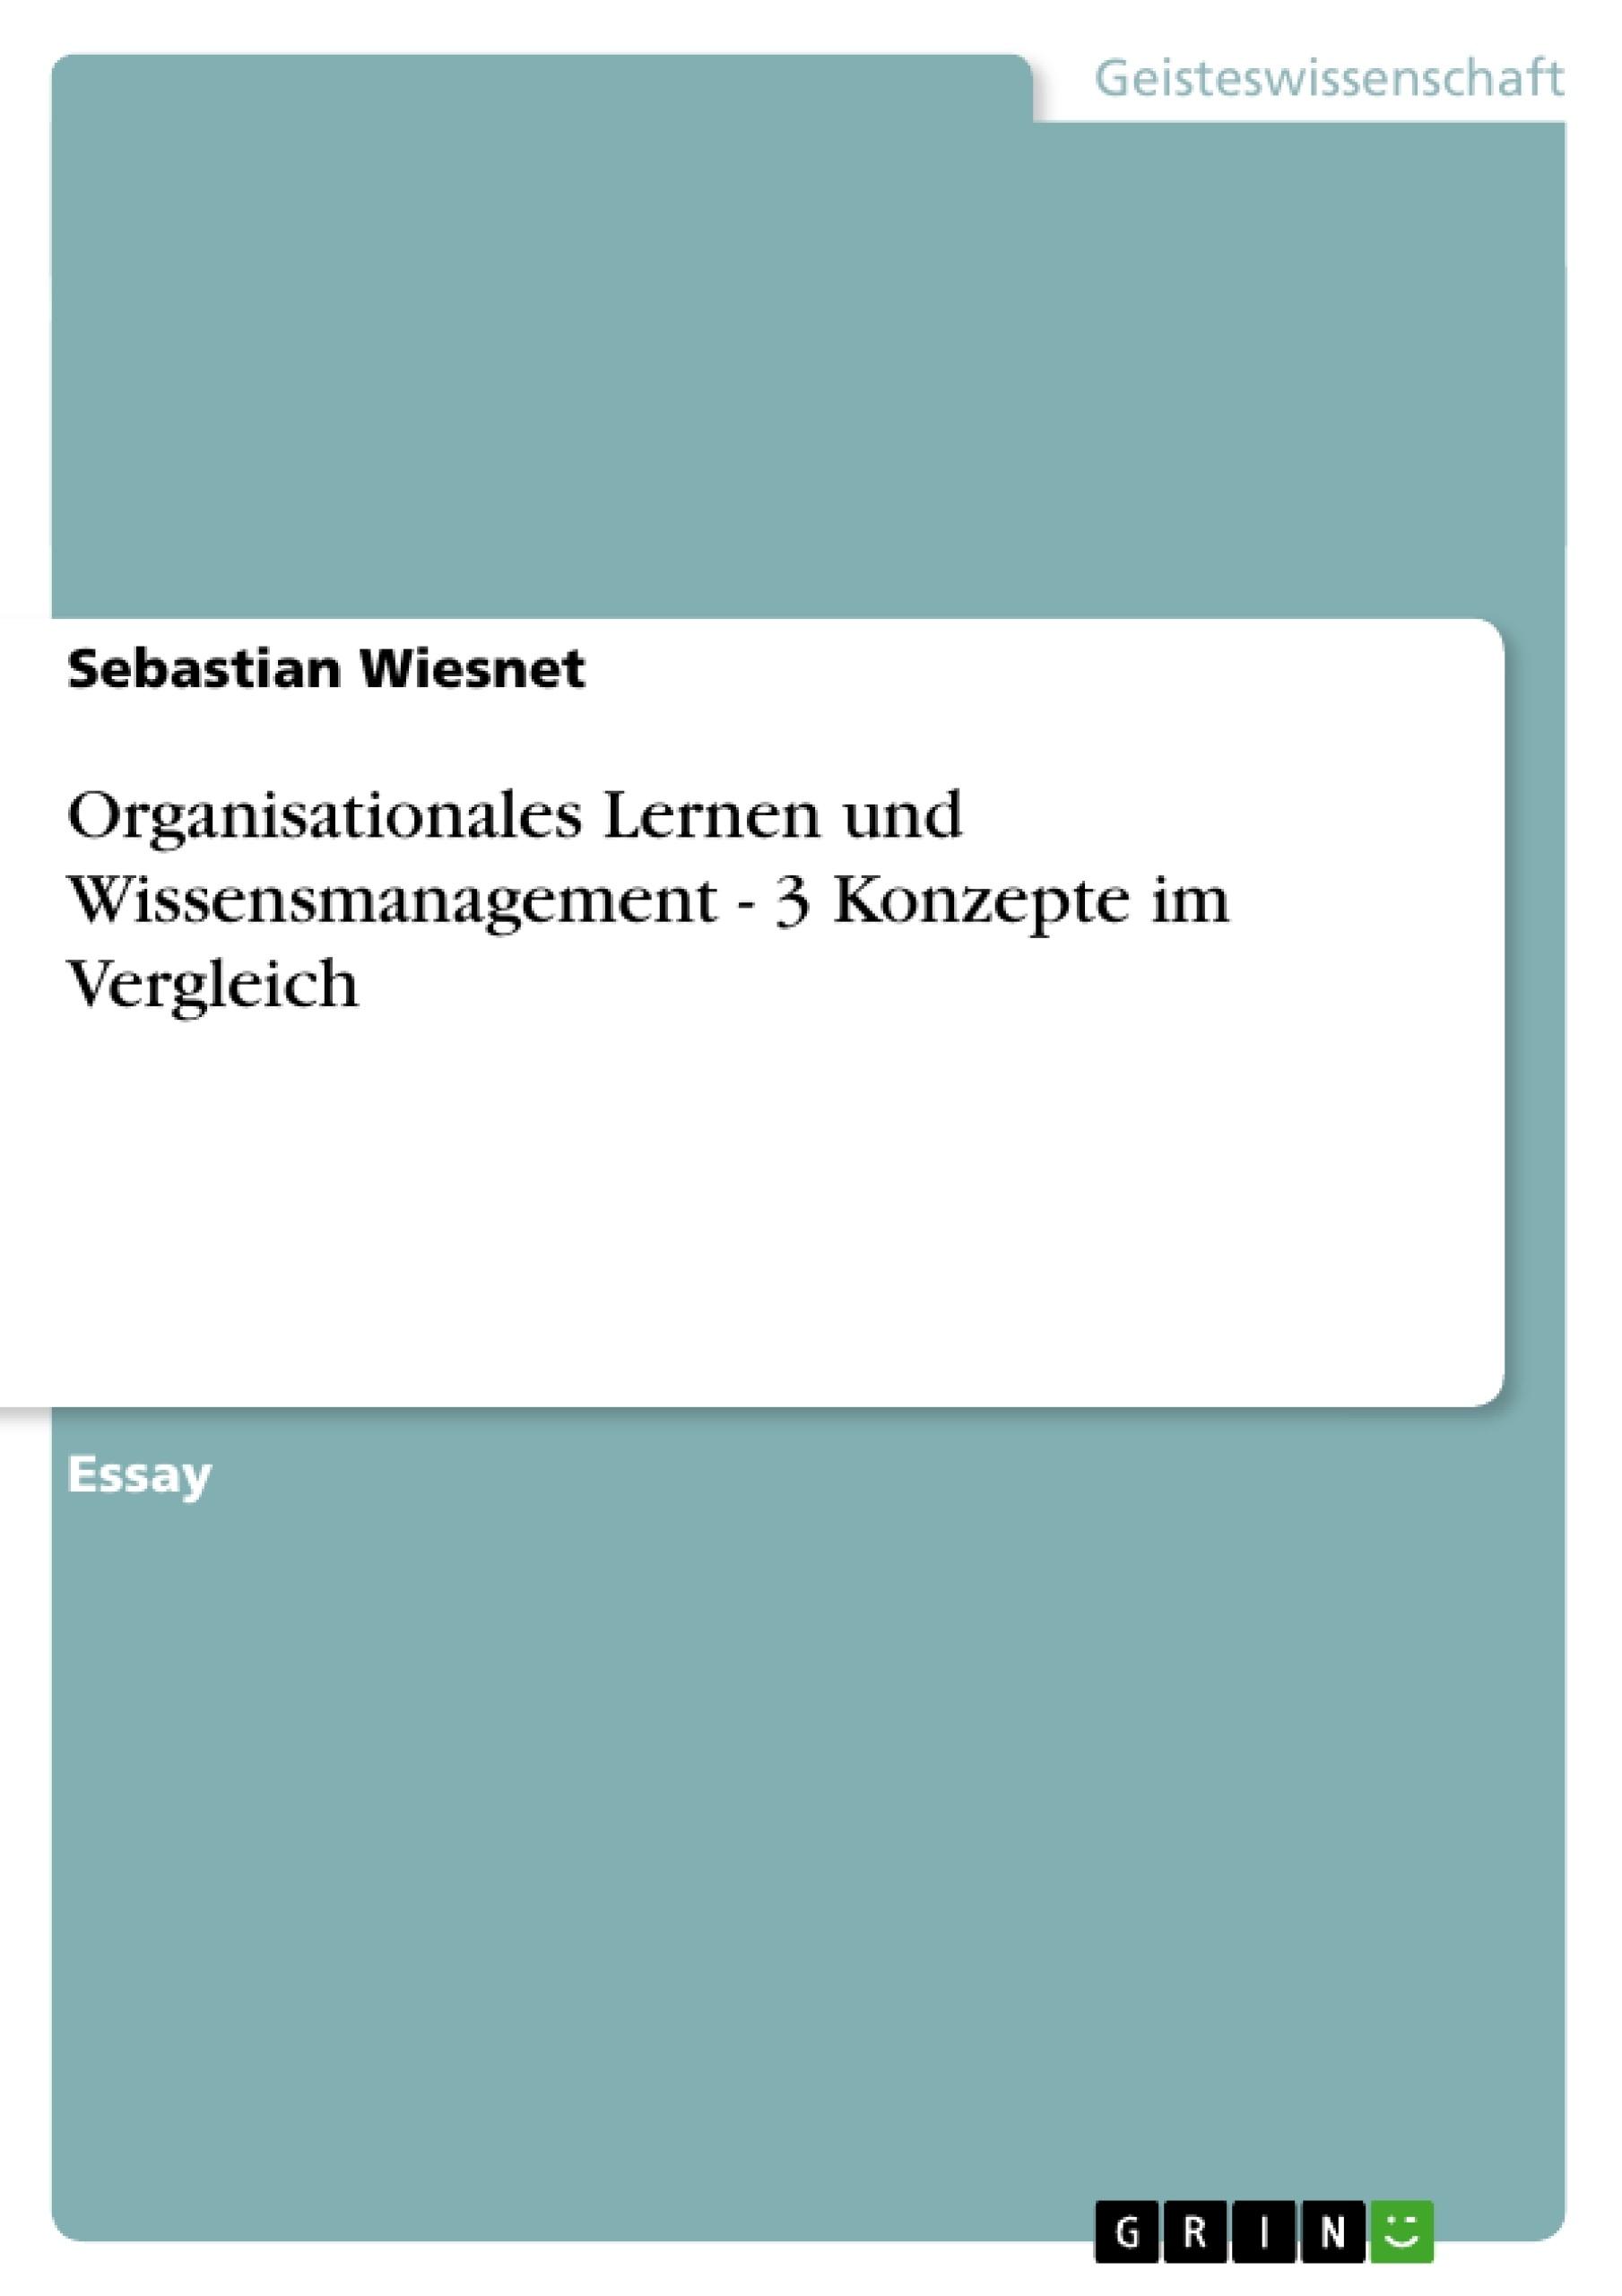 Titel: Organisationales Lernen und Wissensmanagement - 3 Konzepte im Vergleich